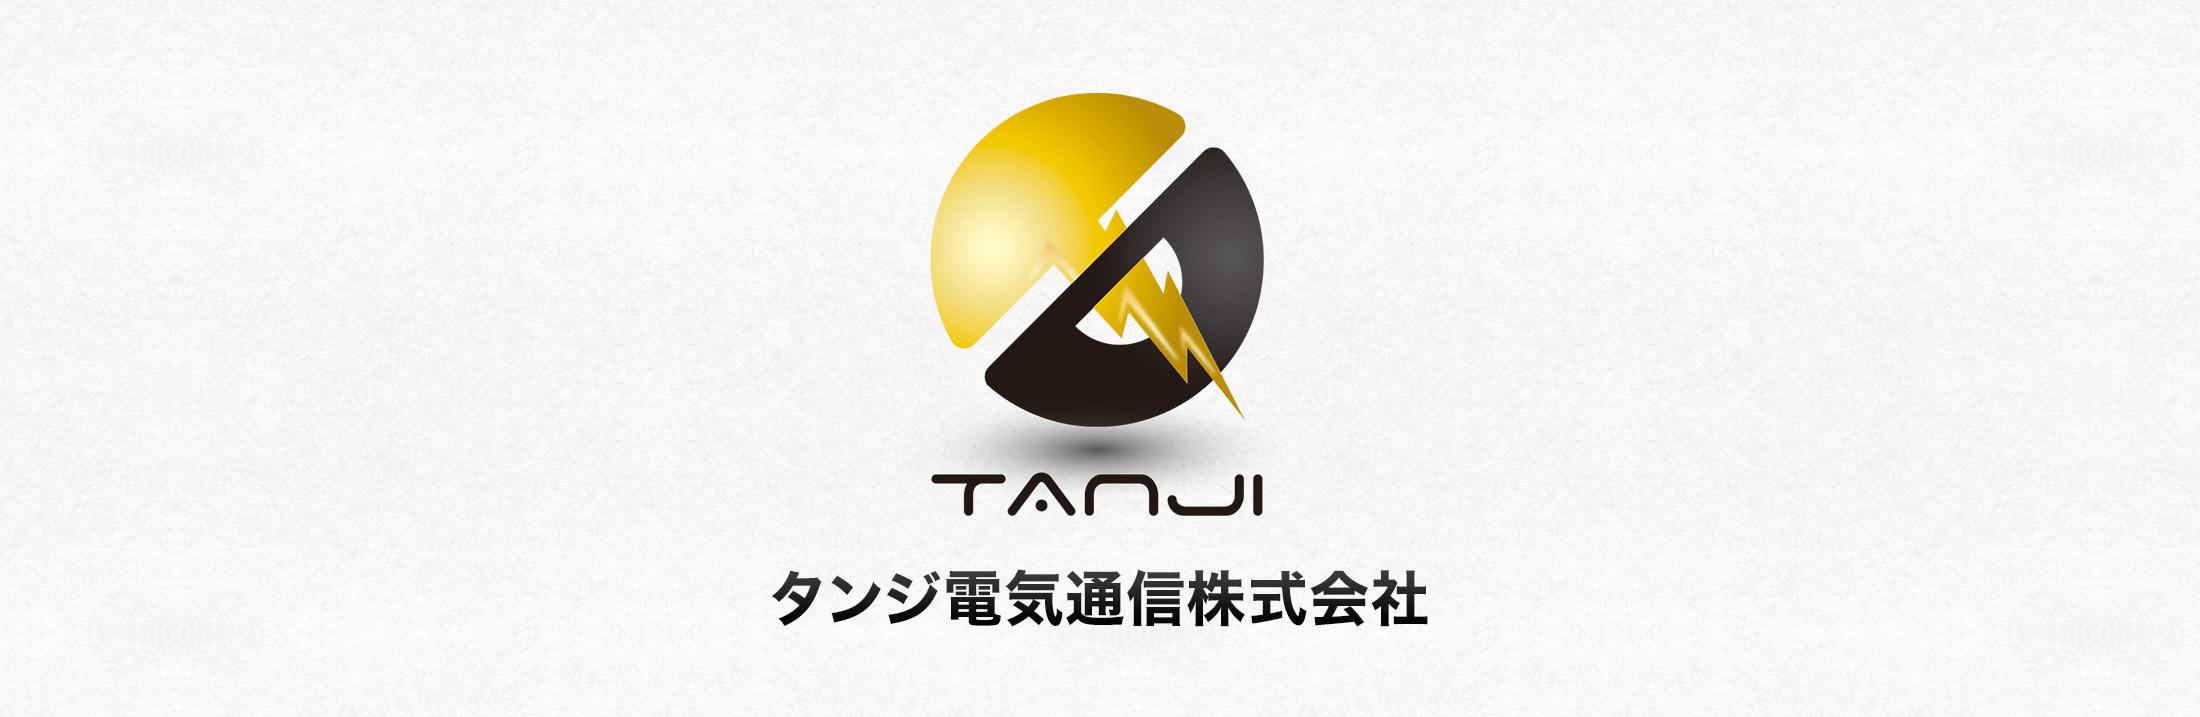 タンジ電気通信株式会社